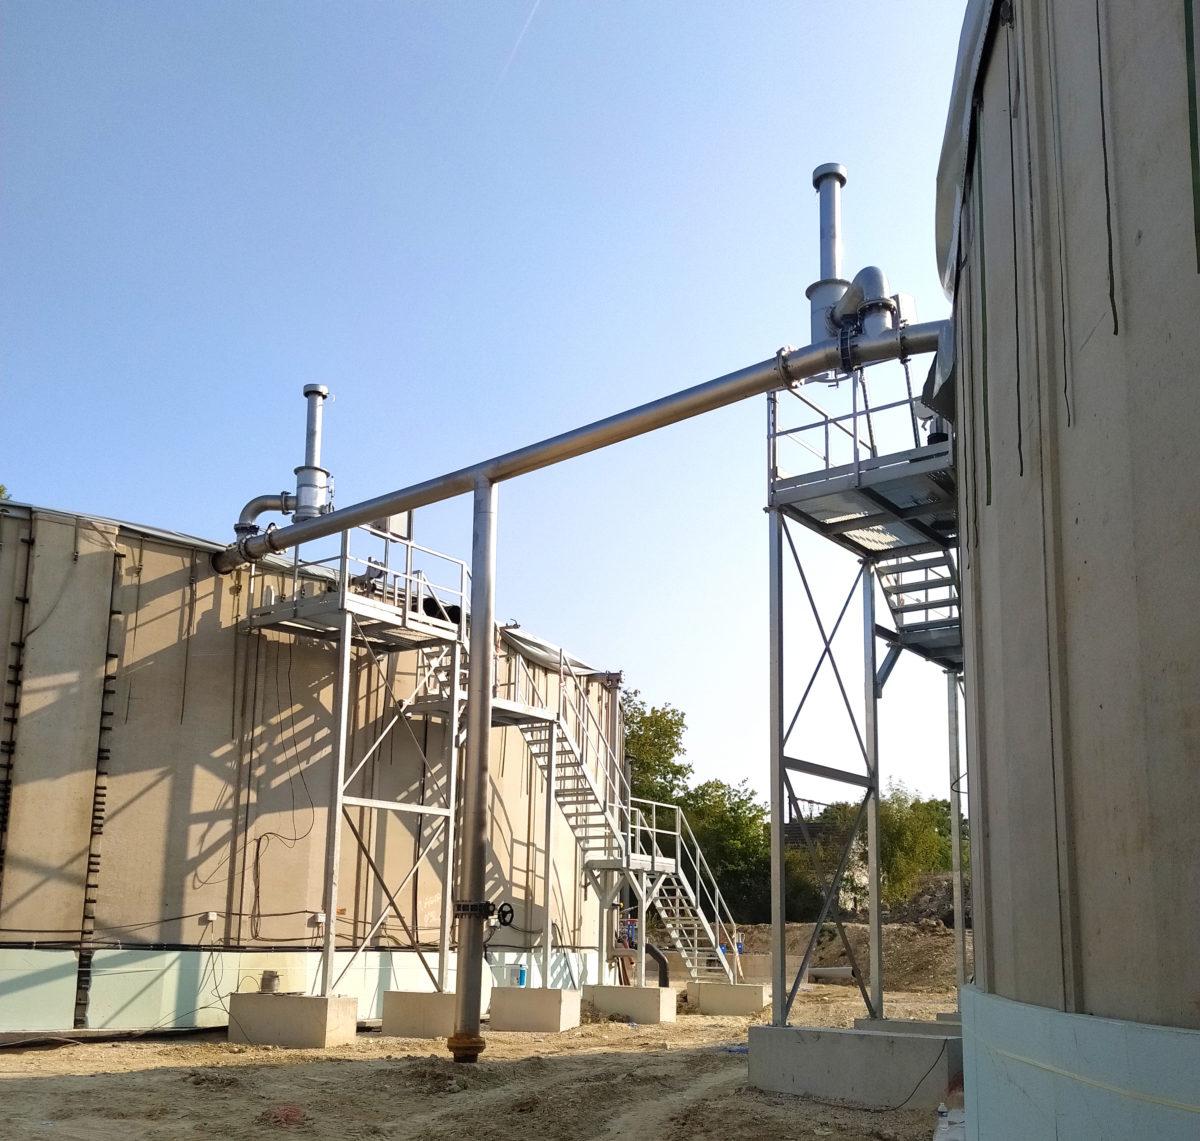 Sologne Biogas Plant INDEREN INDEREN Planta Biogás Sologne-Trabajos acero inoxidable01V2